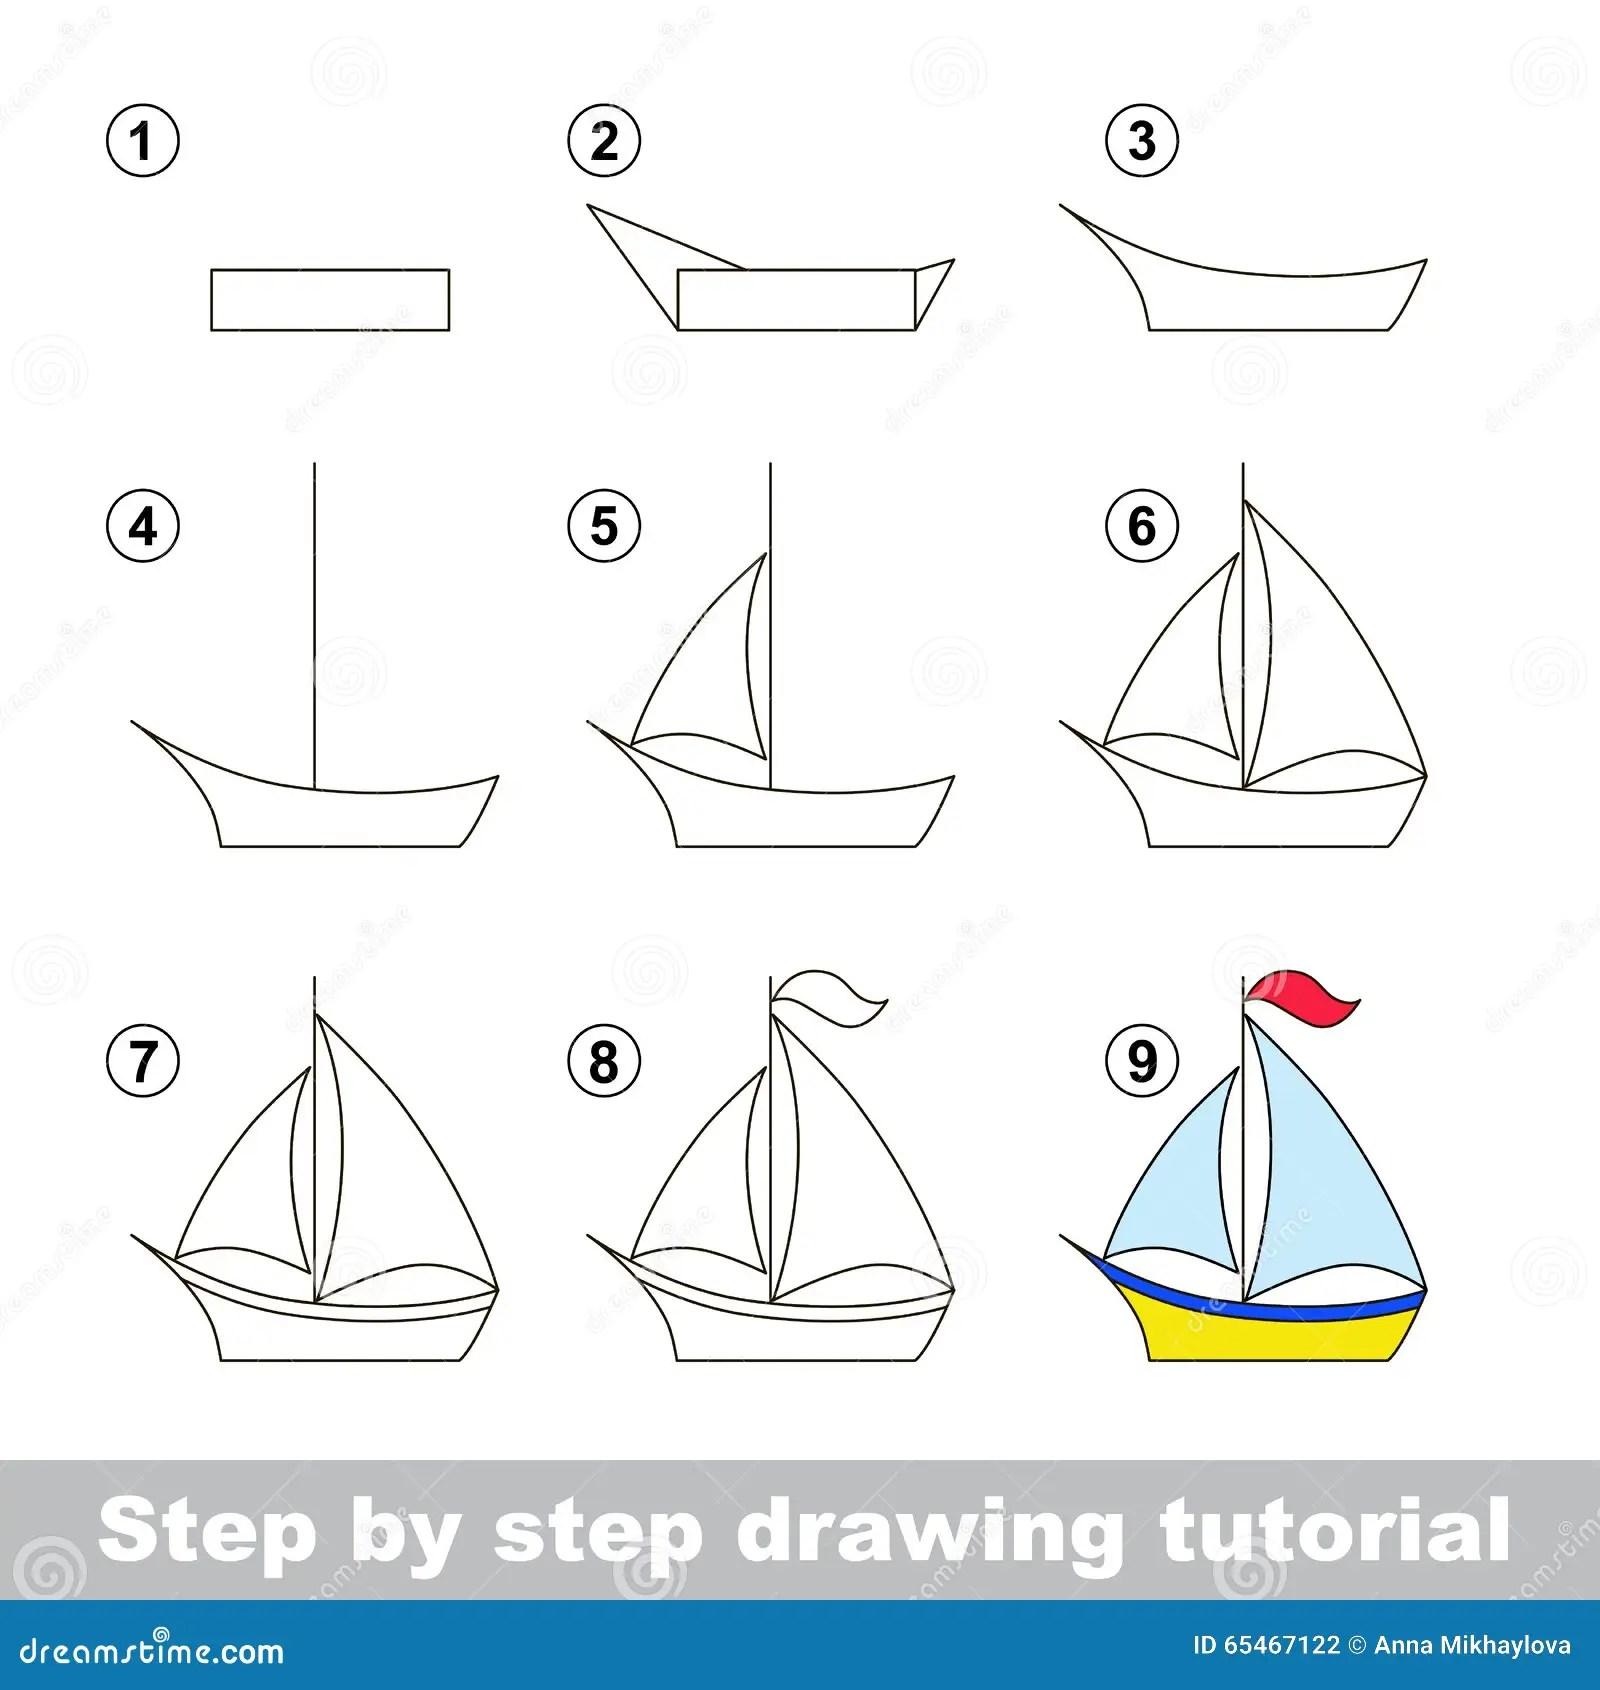 Zeichnendes Tutorium Wie Man Ein Boot Zeichnet Vektor